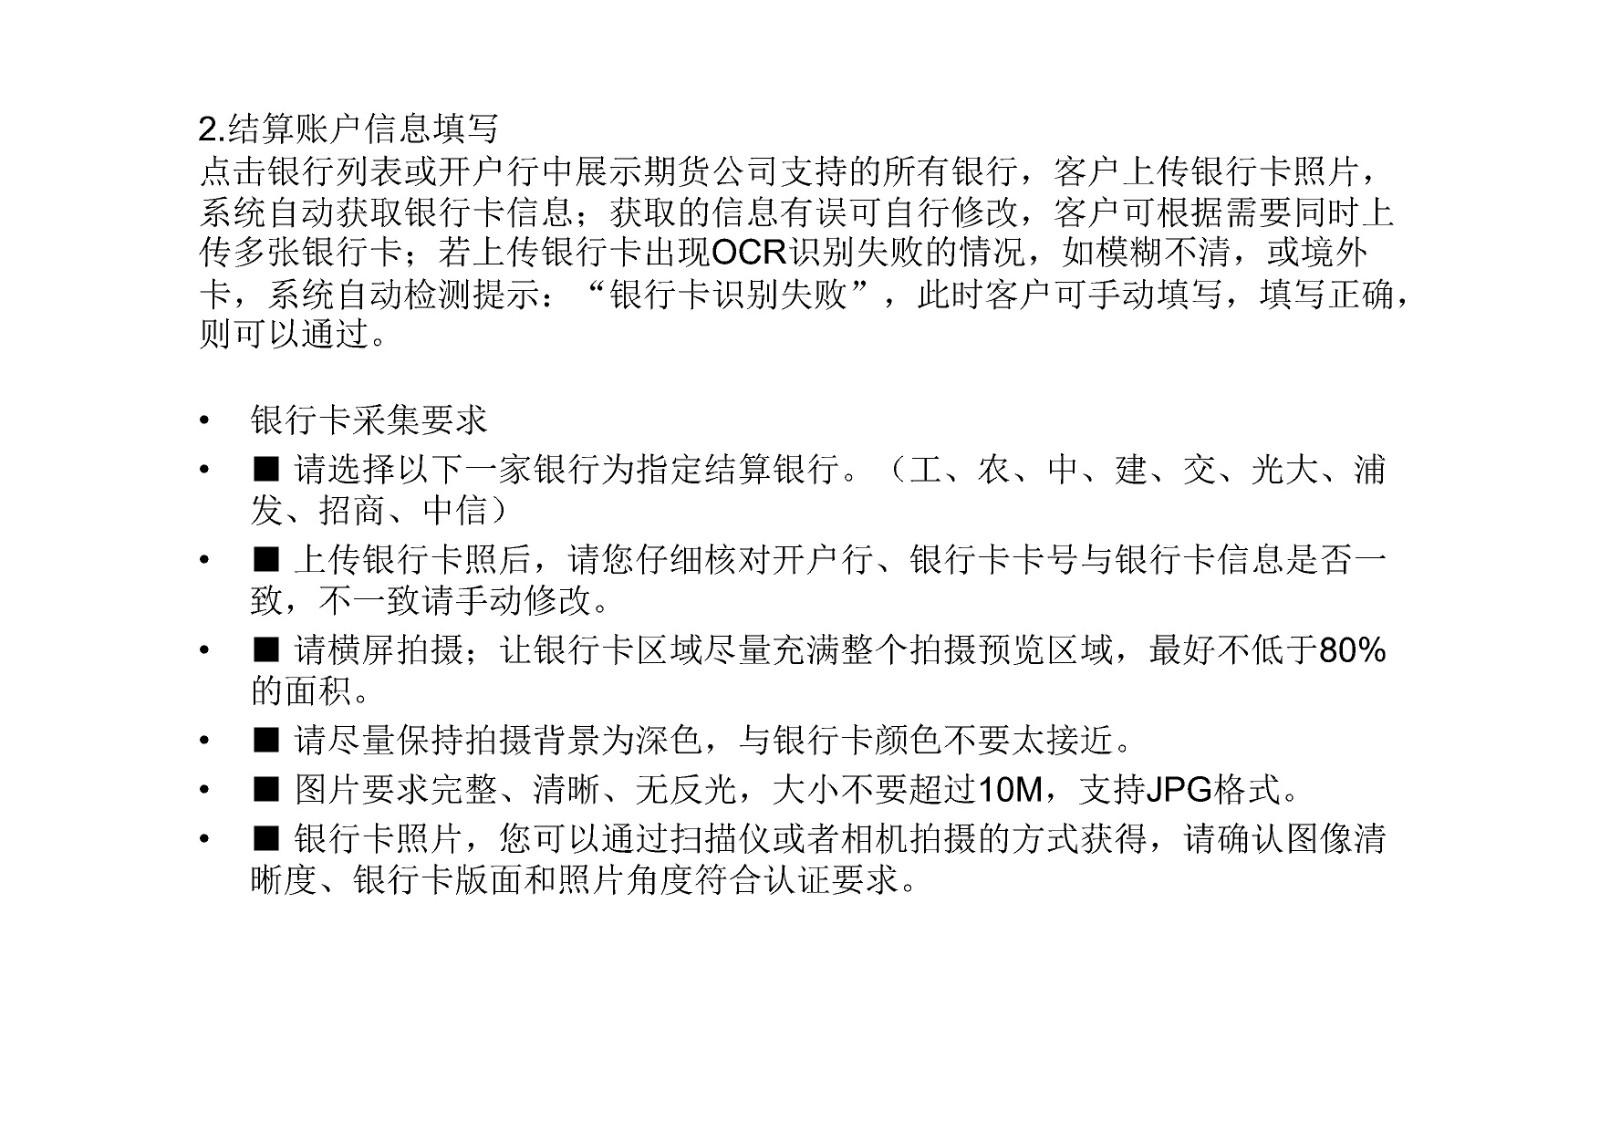 商品期货开户流程_Page8.jpg